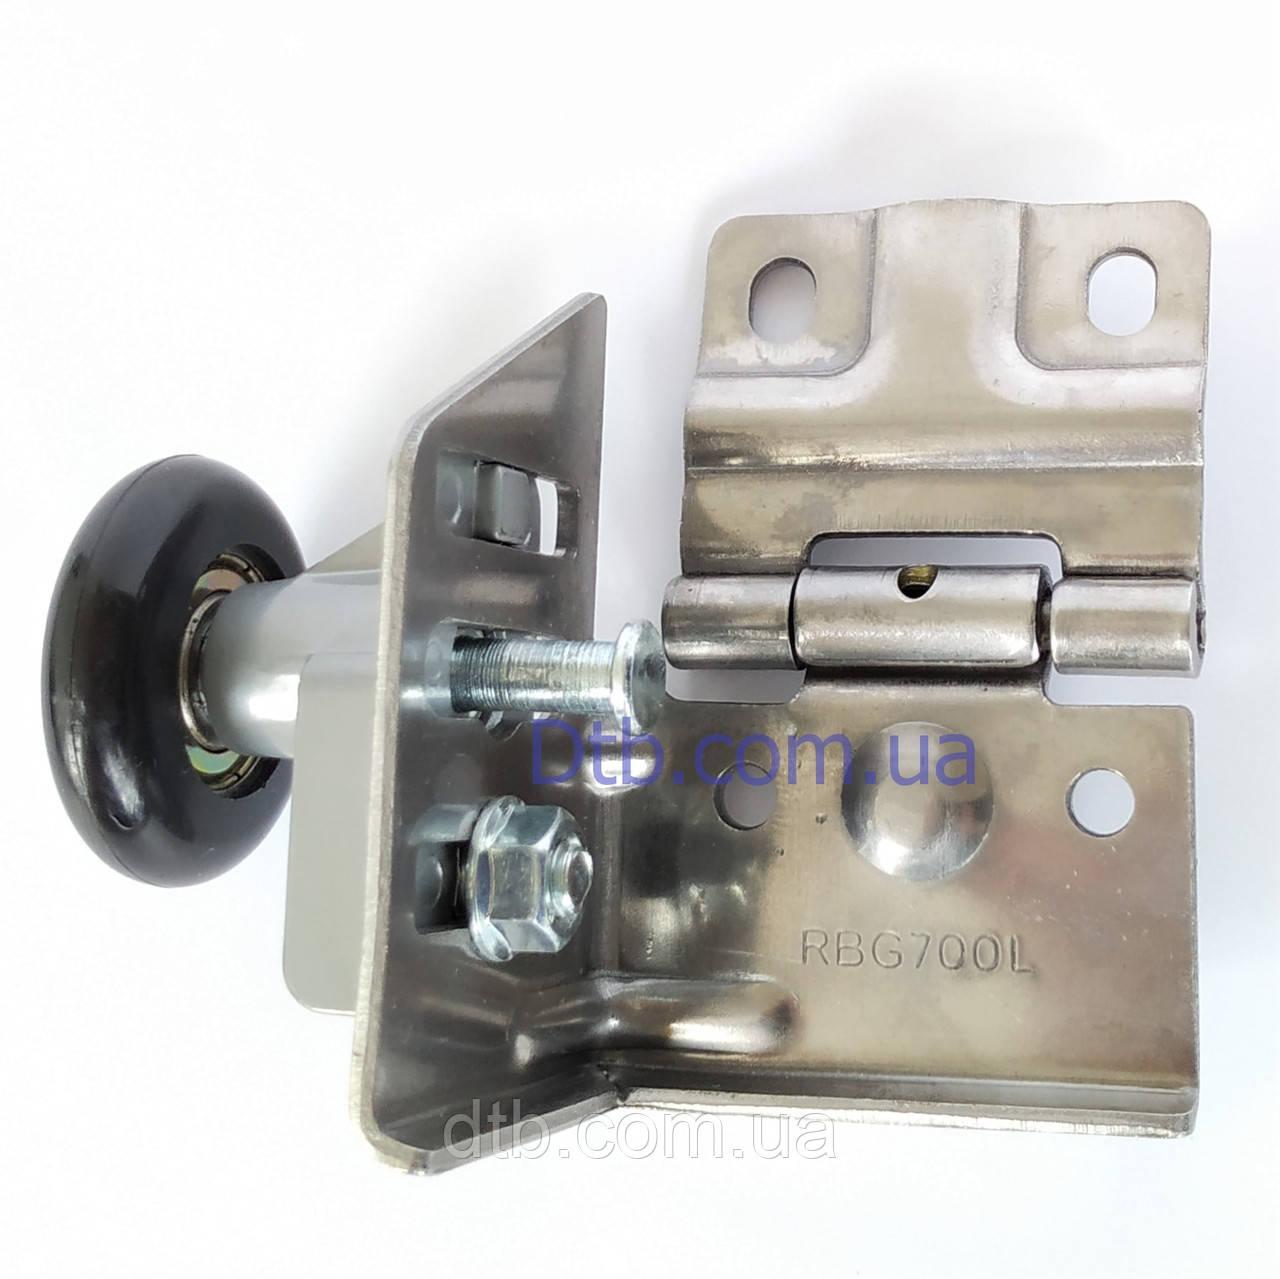 Кронштейн с роликом RBG700L-SS нержавеющий для ворот Alutech